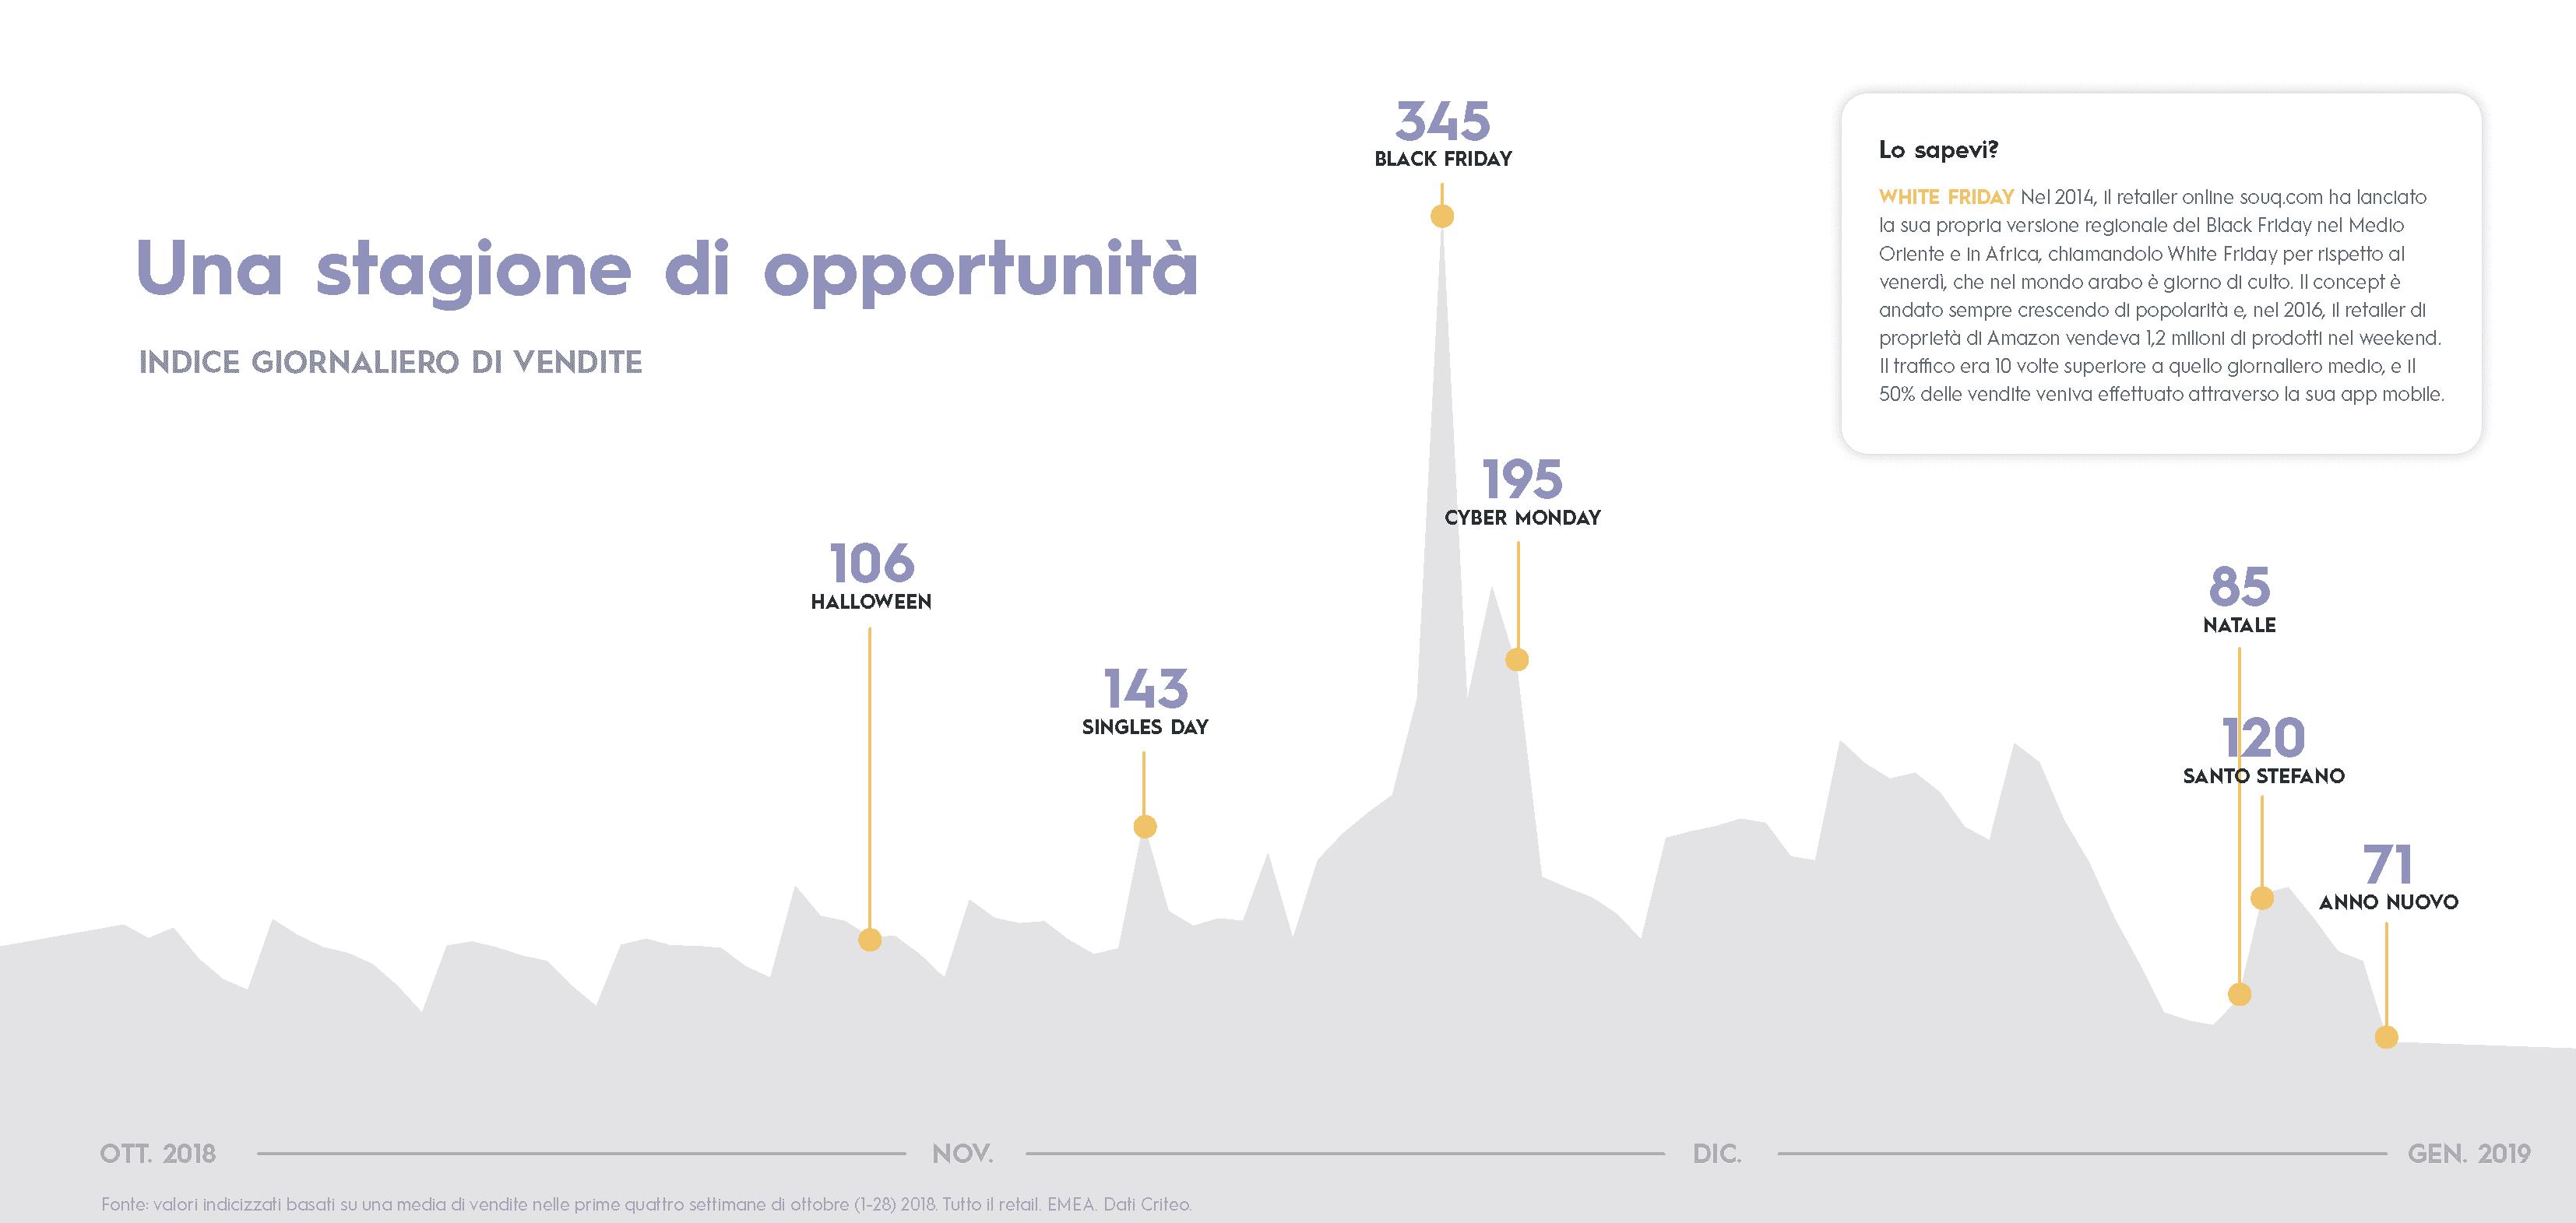 Una stagione di opportunità